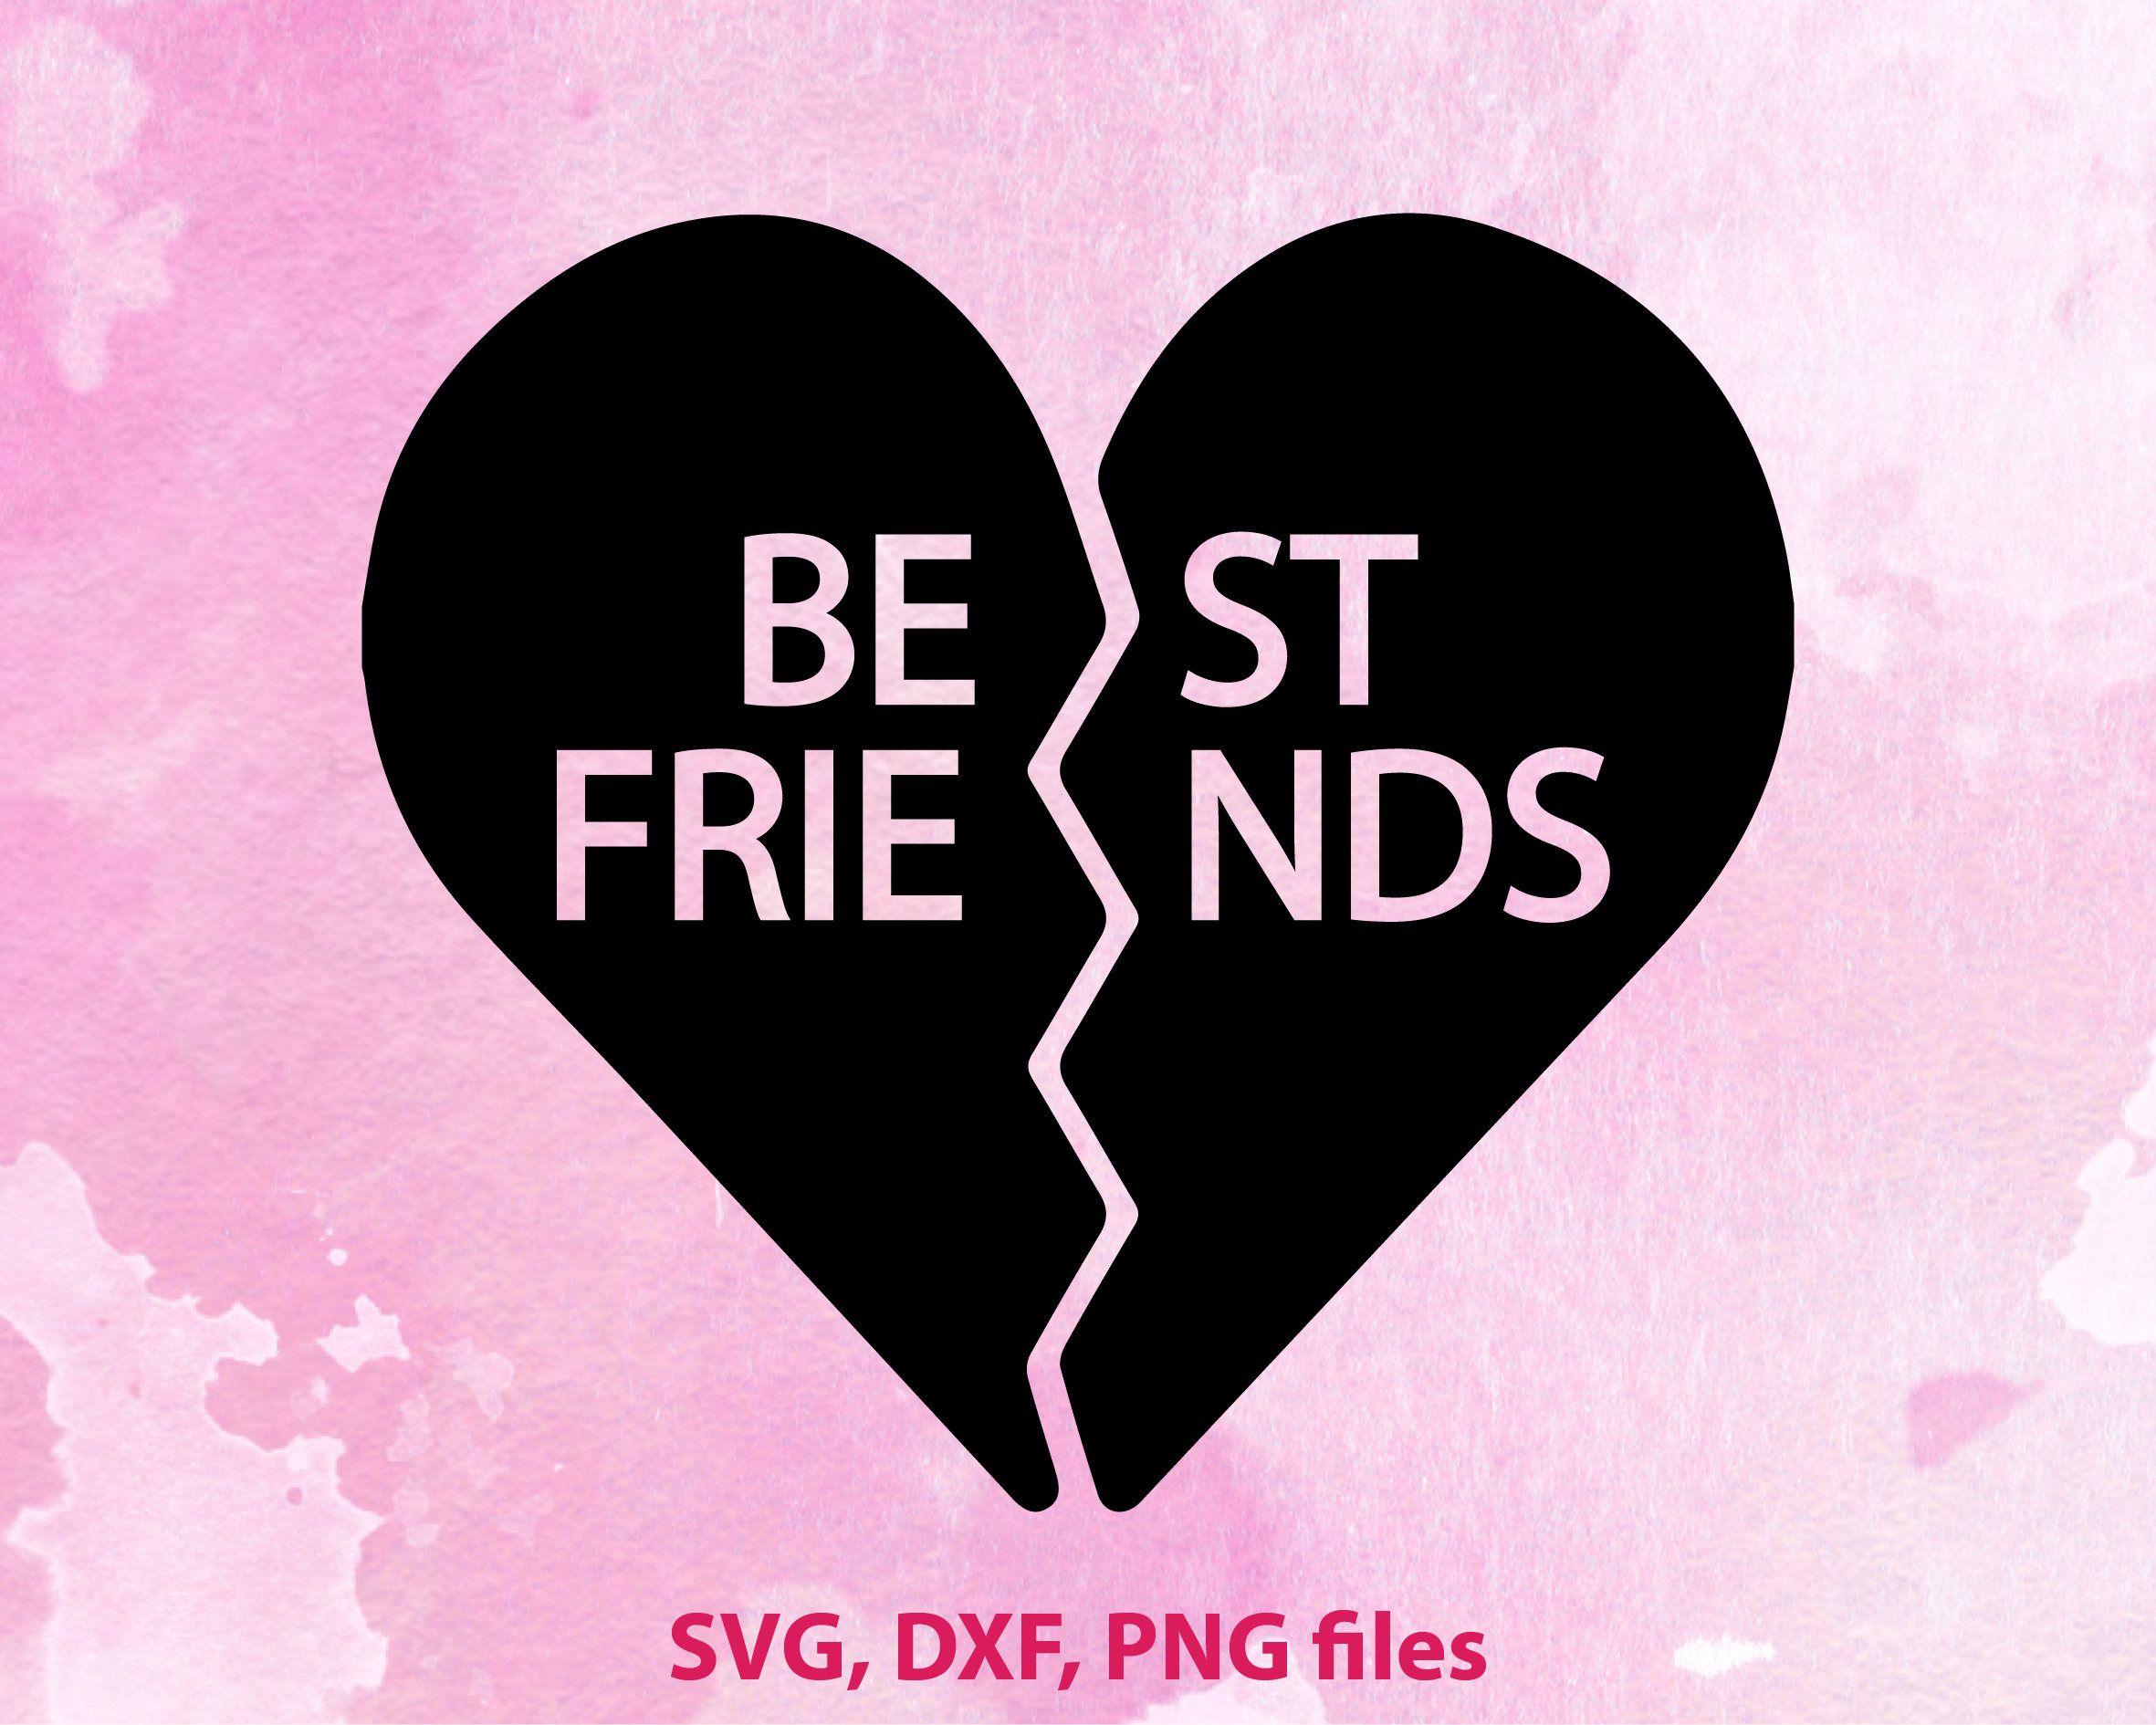 Best Friend Svg Besties Svg Bff Svg Friends Svg Friendship Etsy Svg Valentine Svg Files Best Friend Valentines